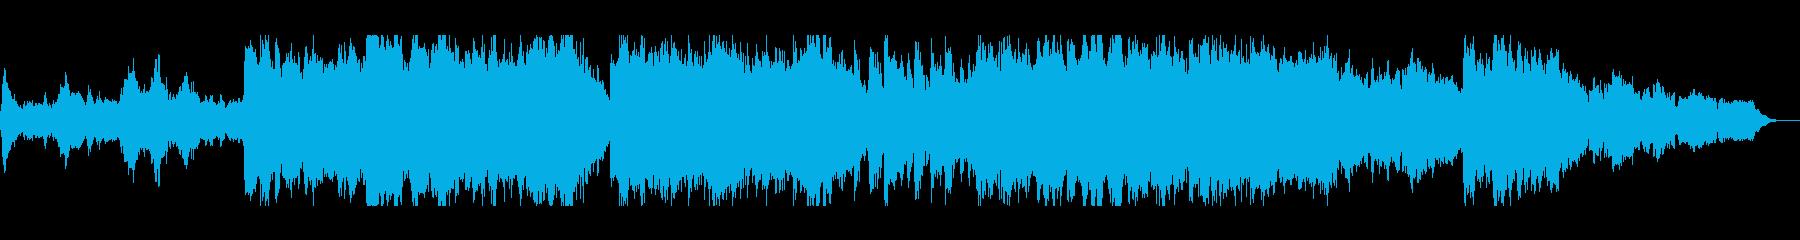 オーケストラと琴の調べ、壮大で幻想的の再生済みの波形